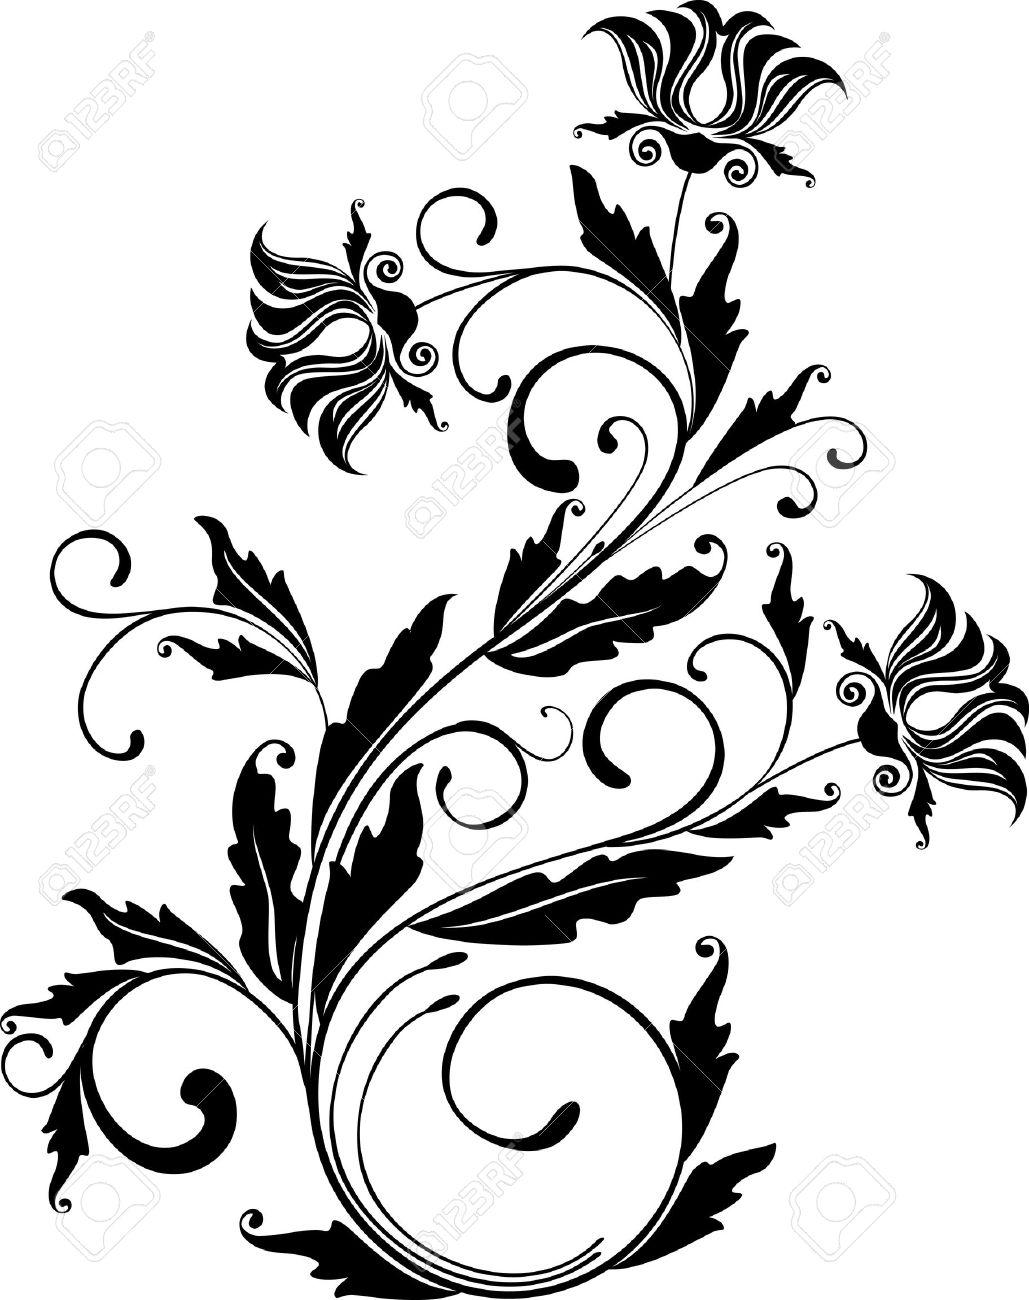 1029x1300 Monochrome Floral Ornament